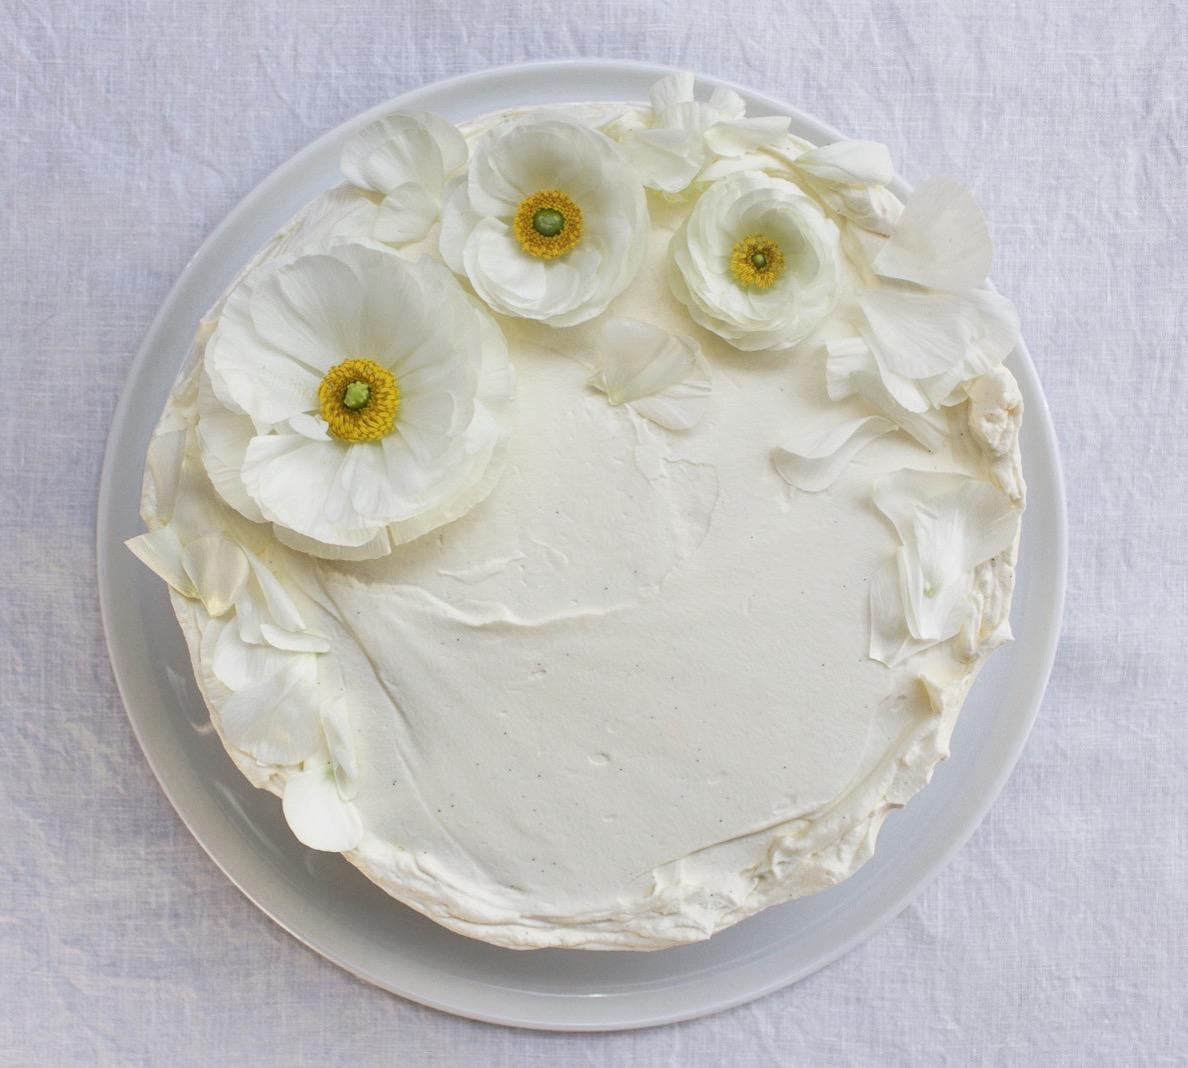 < hazelnut mocha w/ cream cheese frosting >